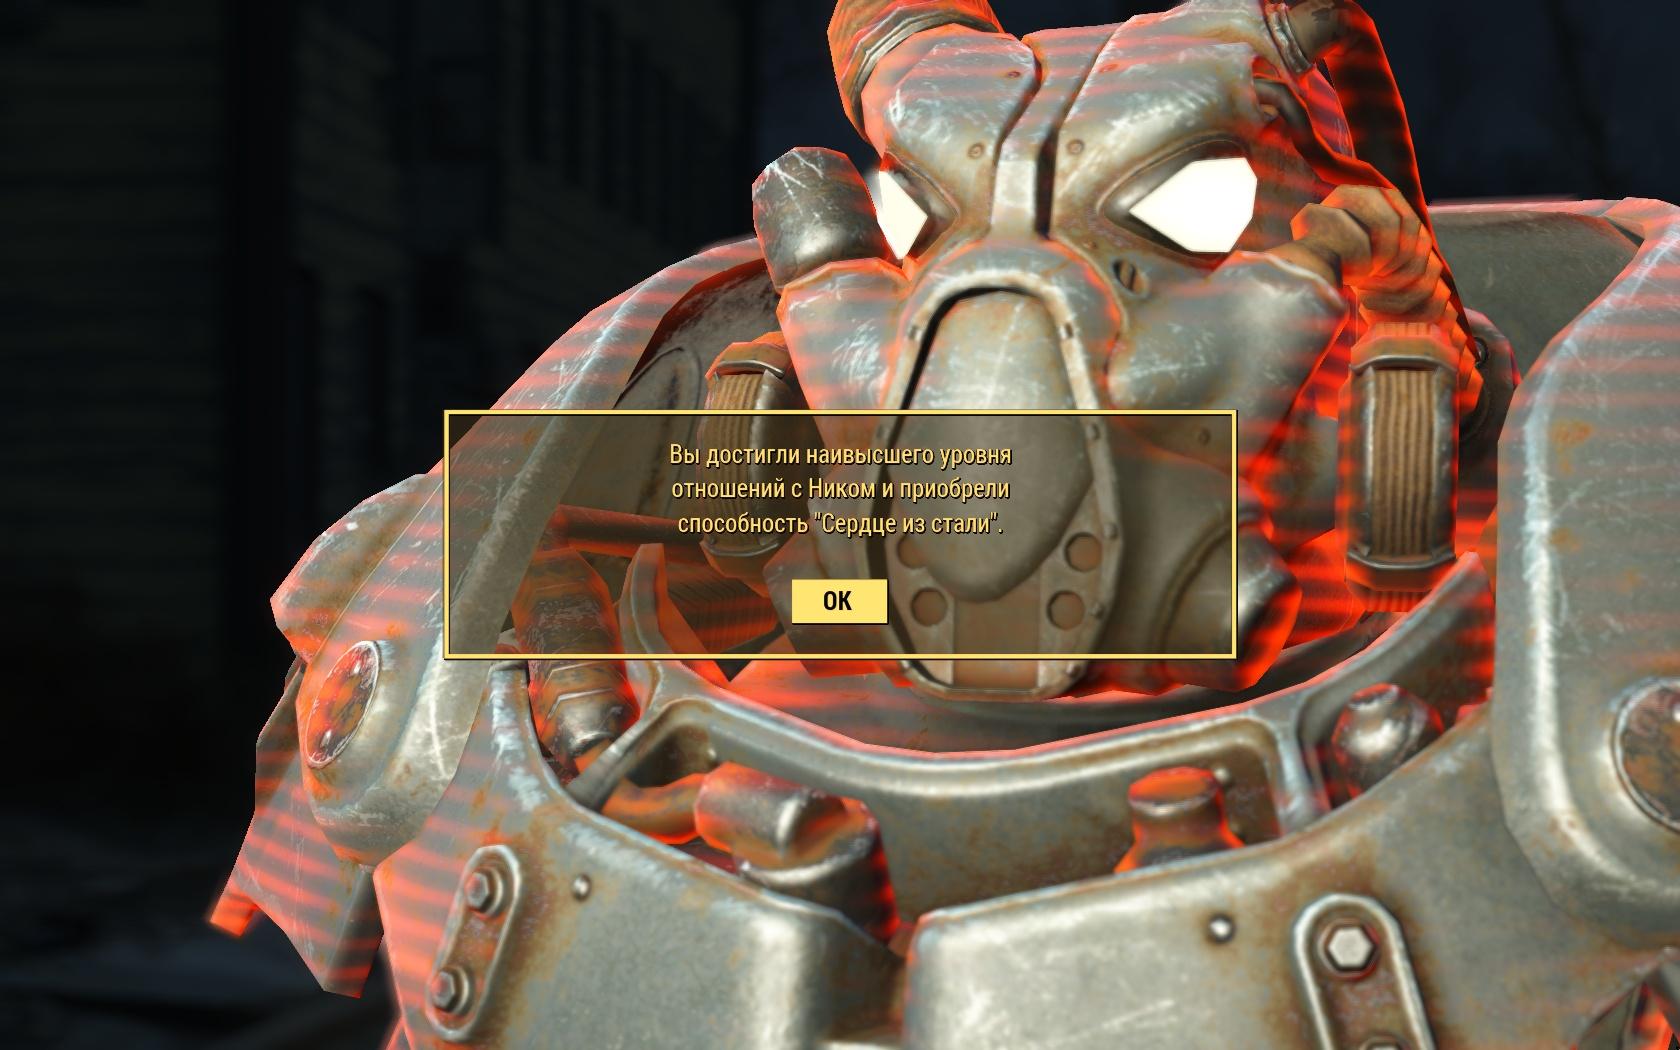 Ник Валентайн. Наивысший уровень отношений - Fallout 4 Валентайн, Ник Валентайн, Сердце из стали, способность